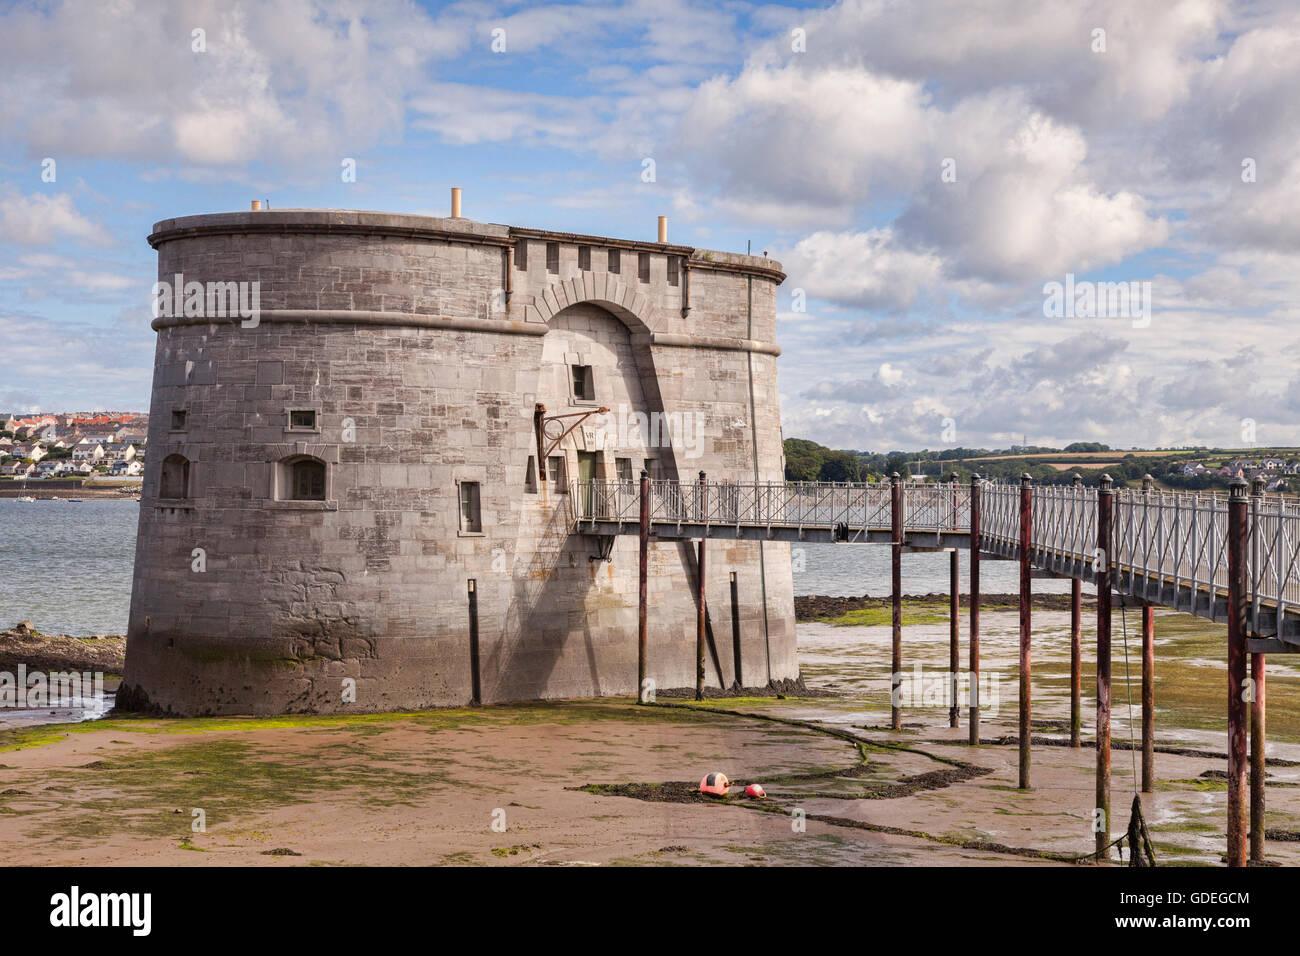 Gun Tower Museum, Pembroke Dock, Pembrokeshire, Wales, UK - Stock Image